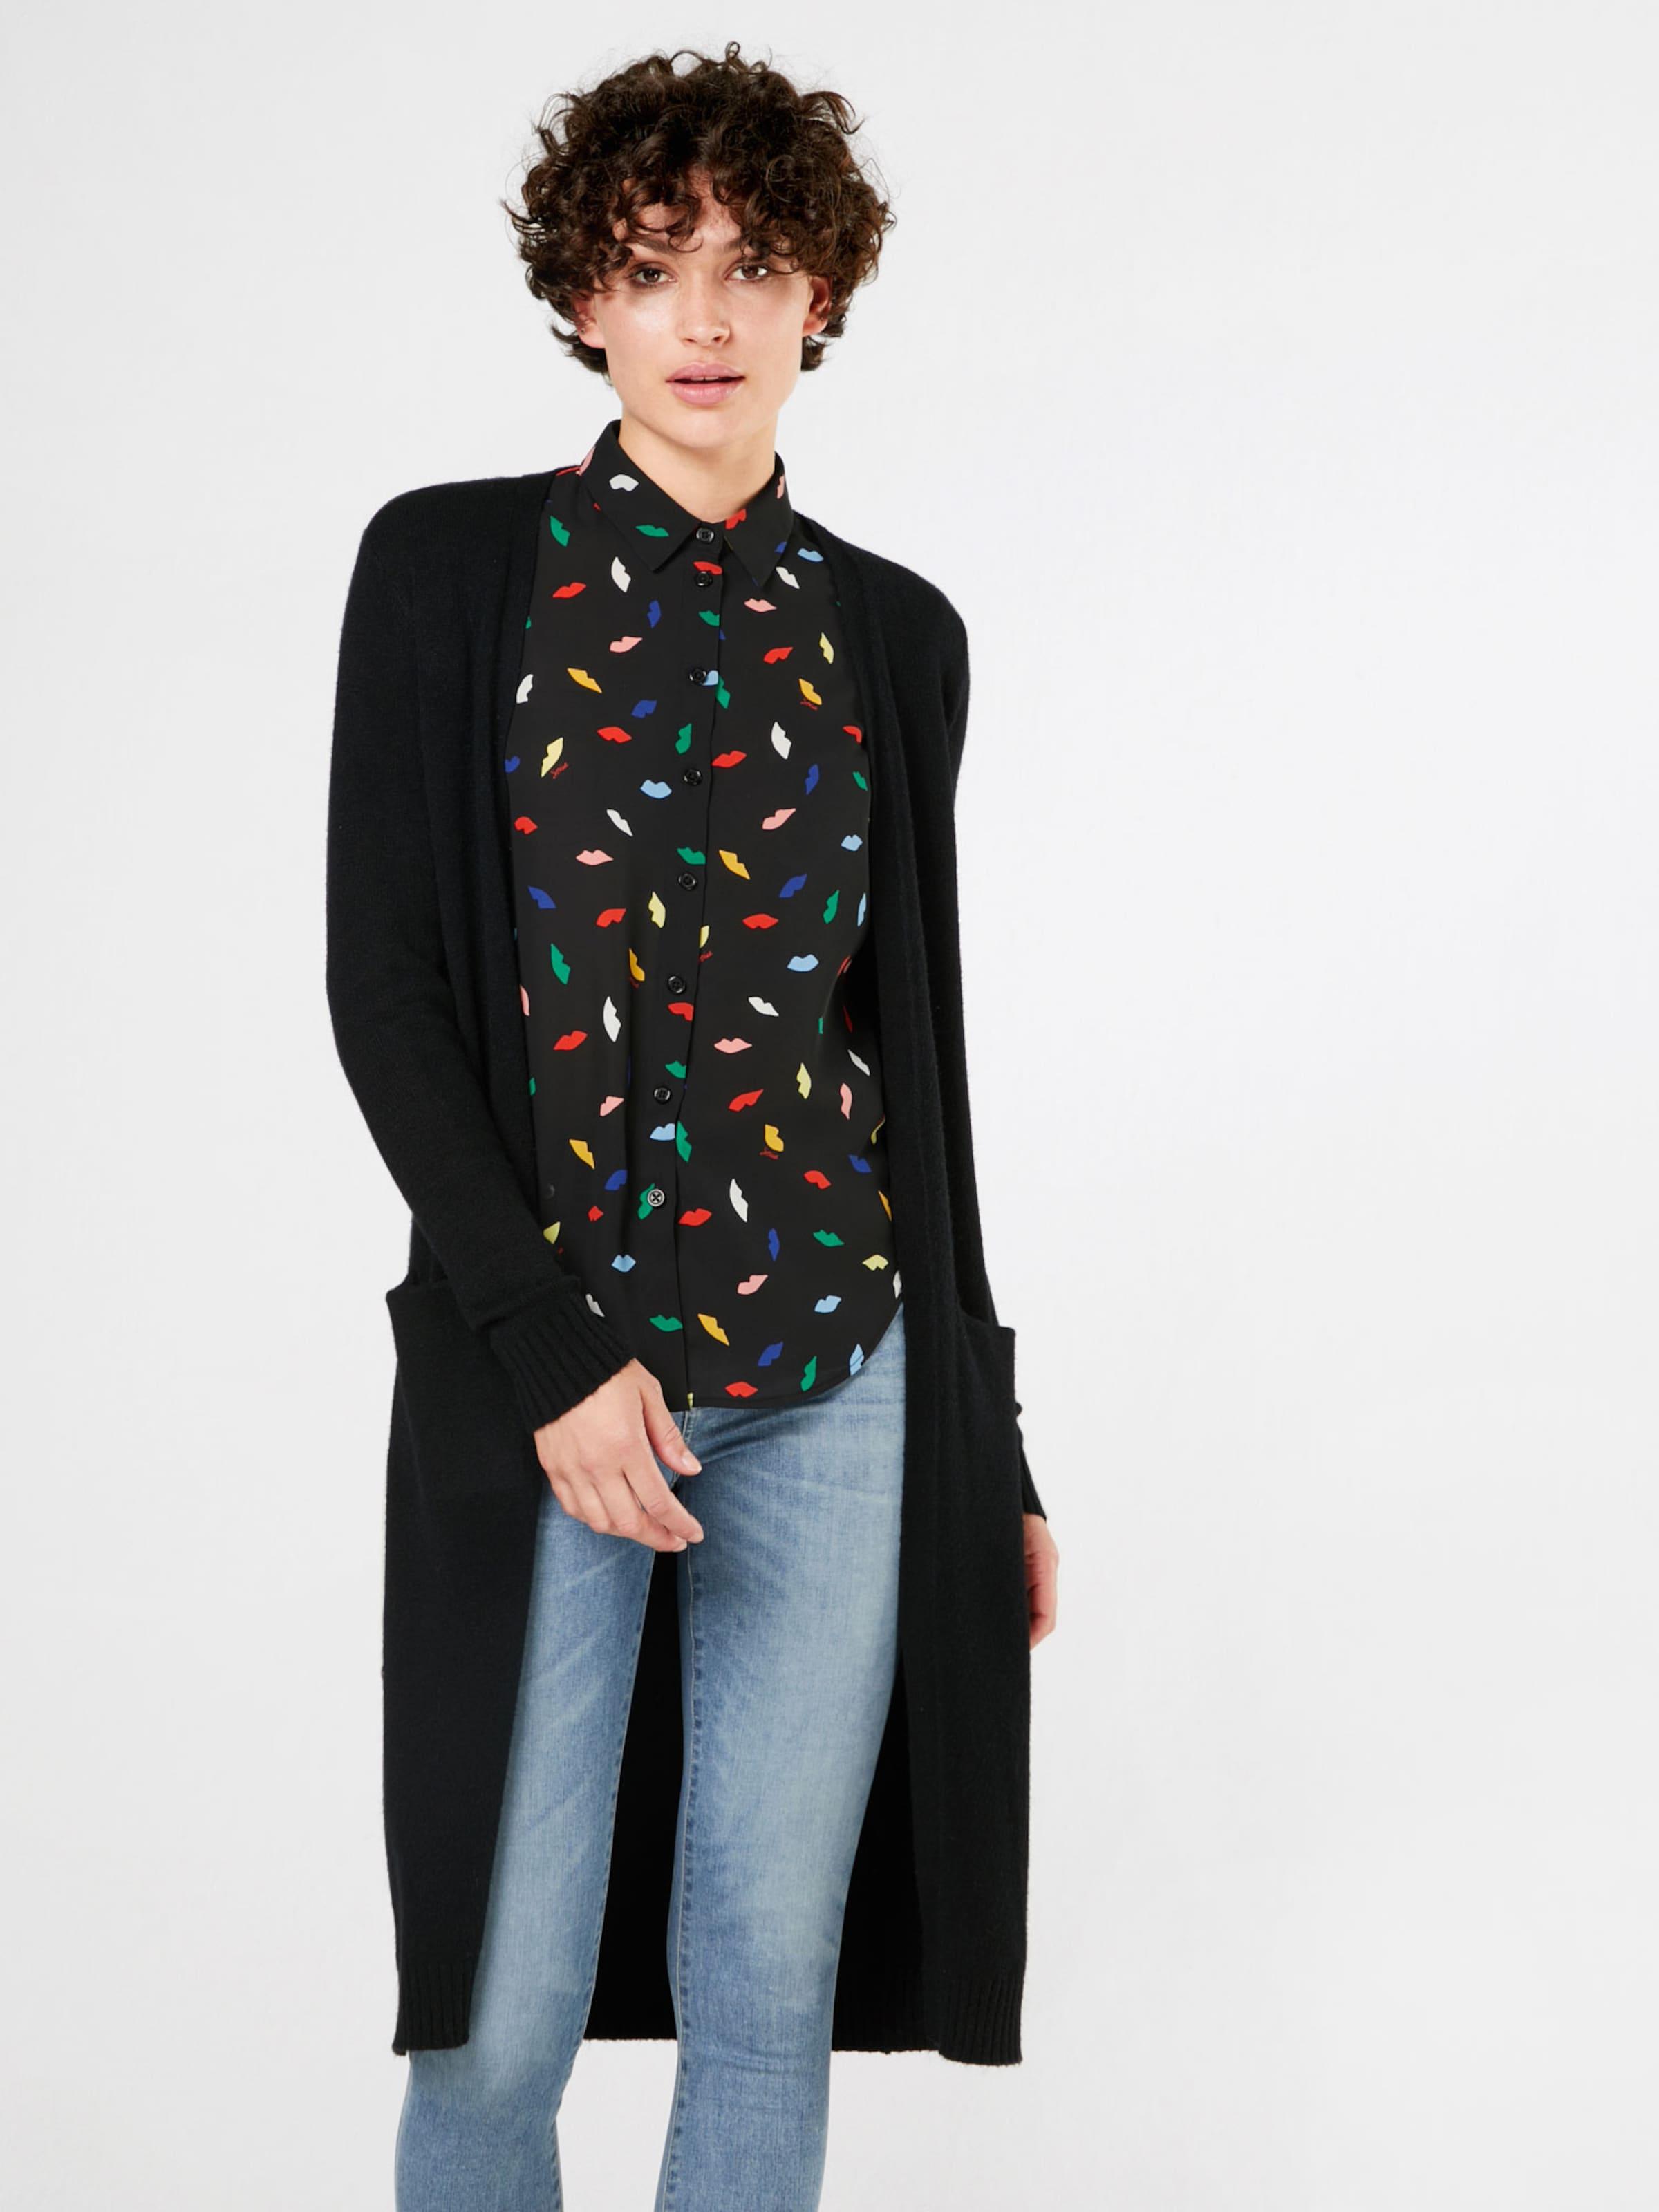 VILA Strickcardigan 'Ril' Billige Mode Günstig Kaufen Günstig Kaufen Angebot  Wie Viel ujTcsG